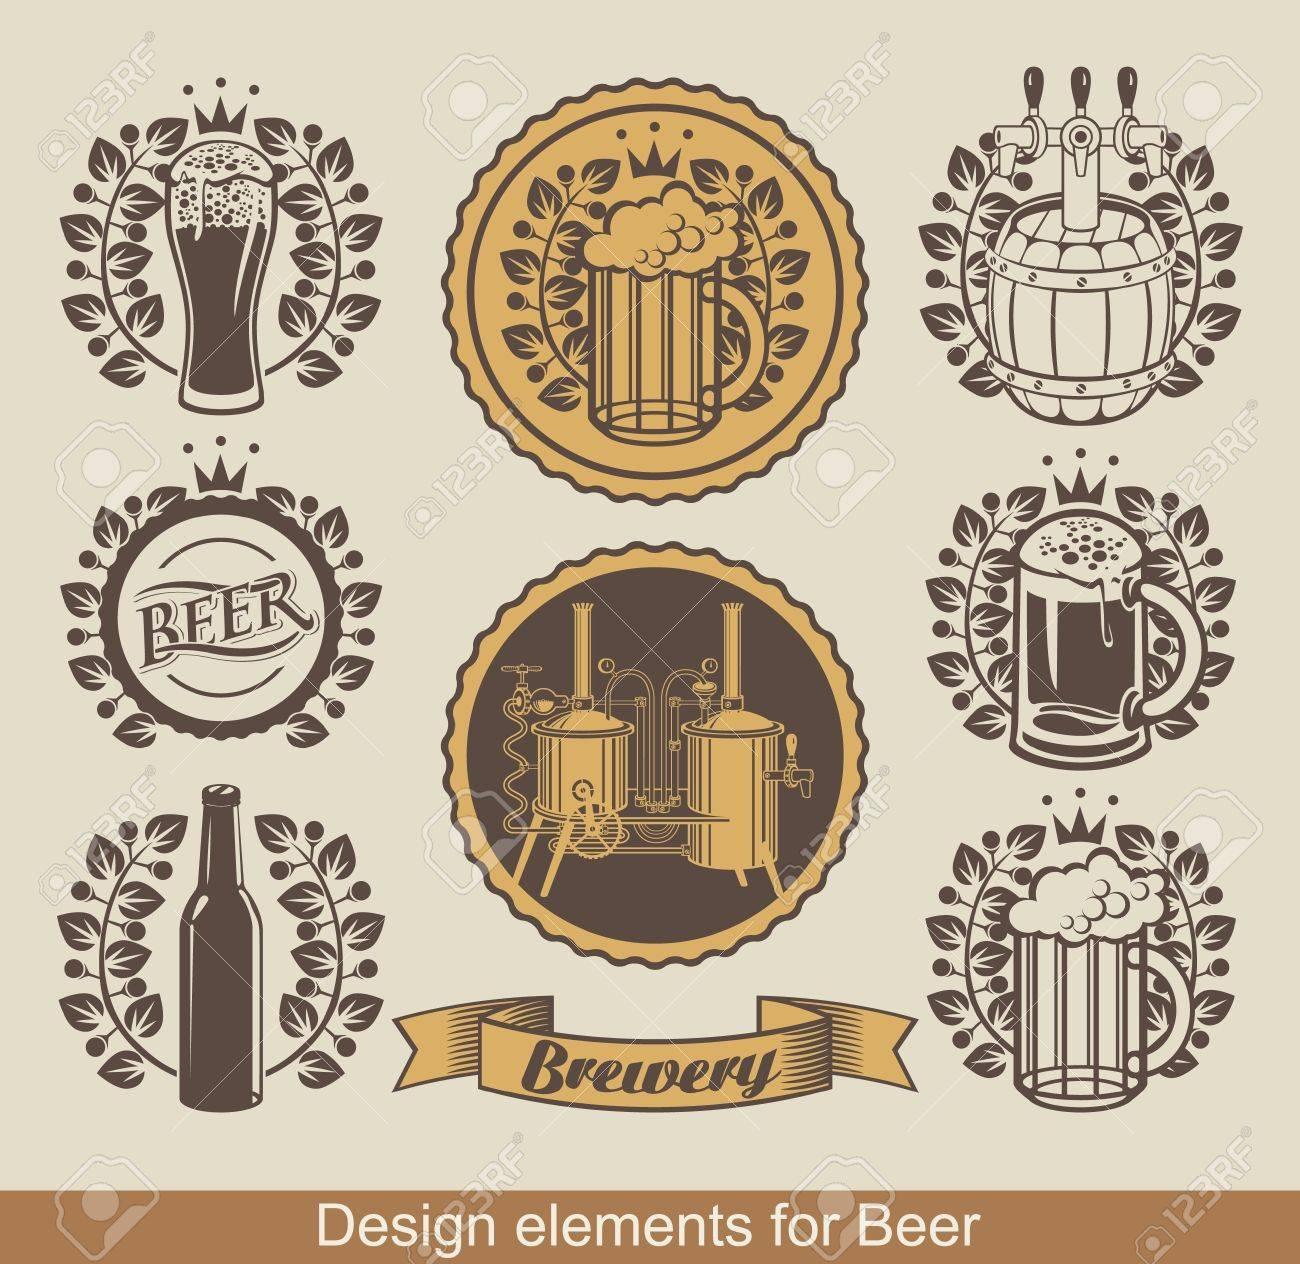 Craft Beer Brewery Beer Brewery Set of Beer